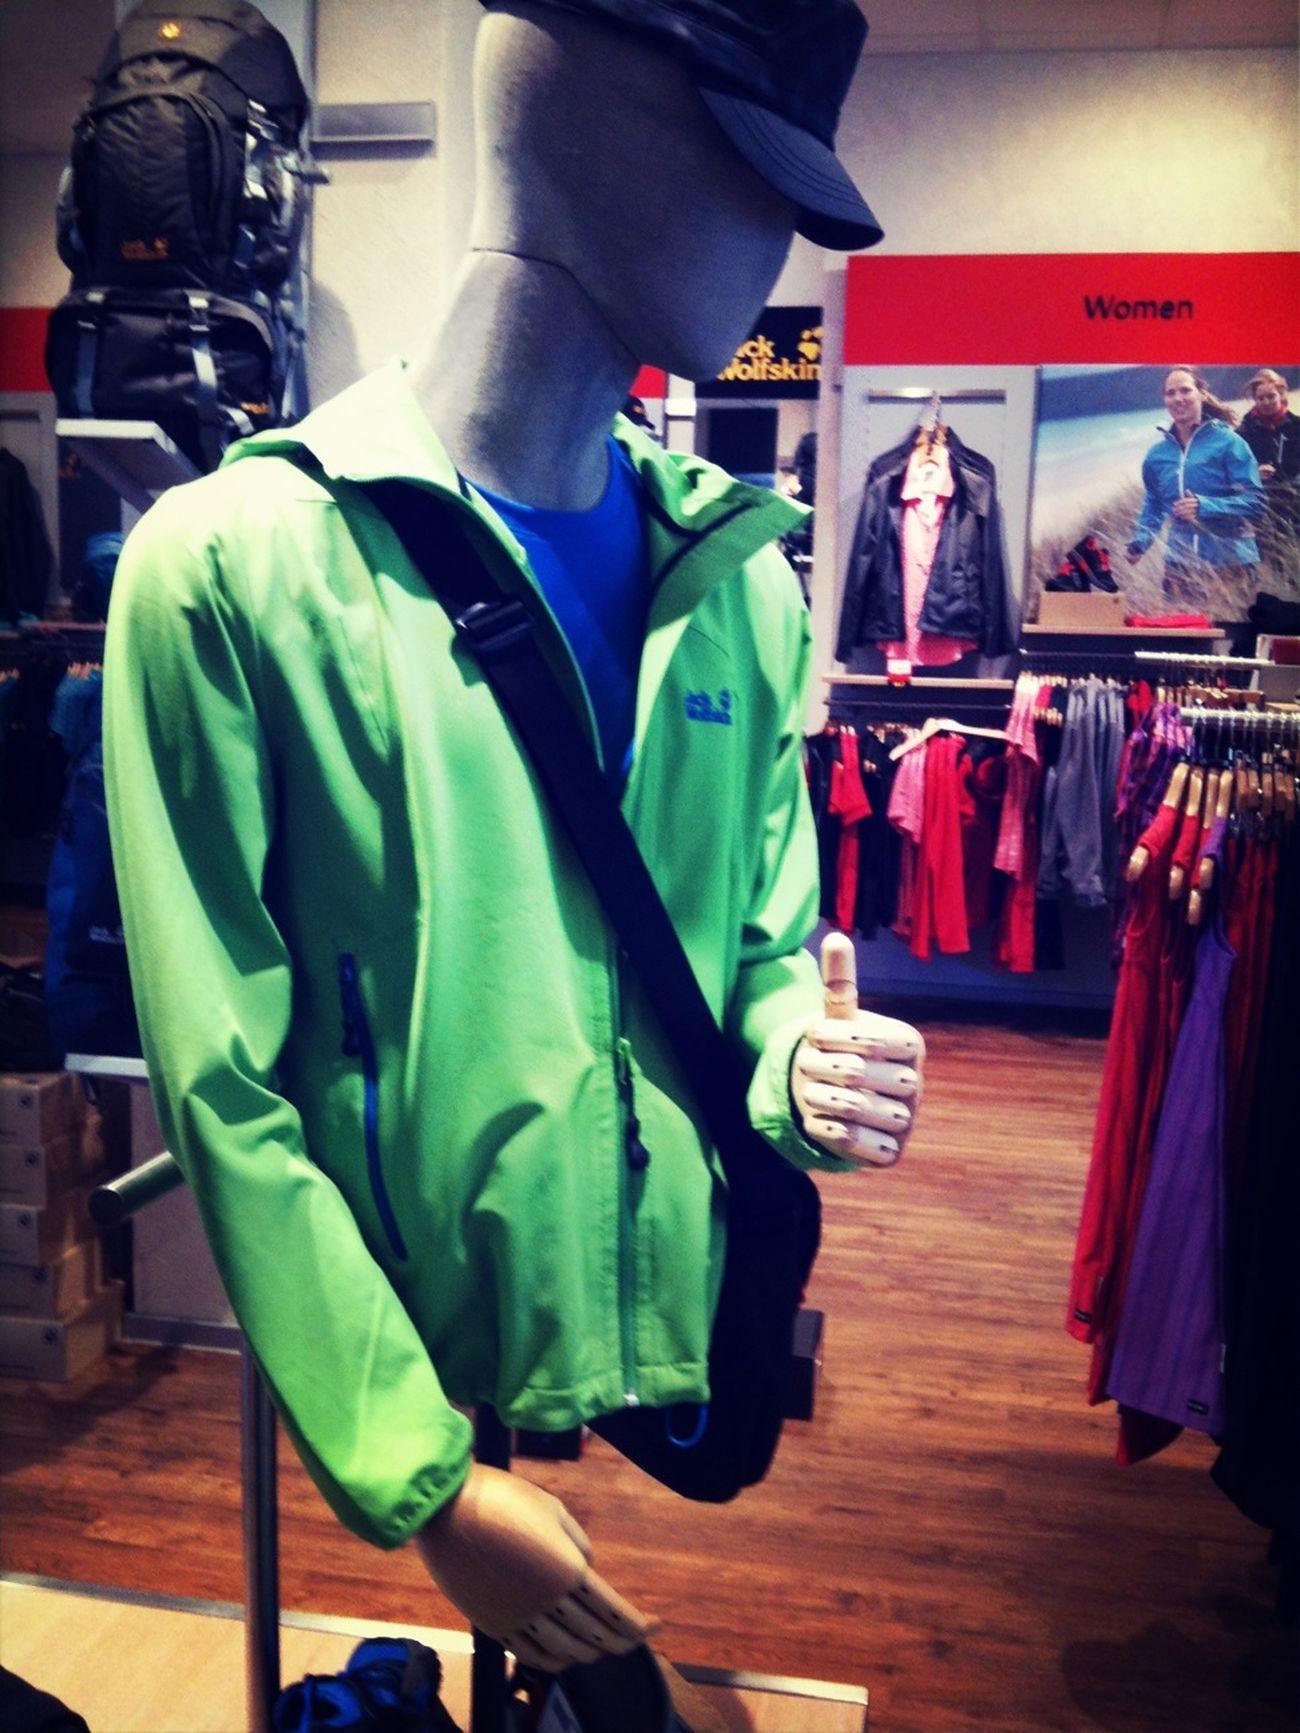 Shoppen ;)